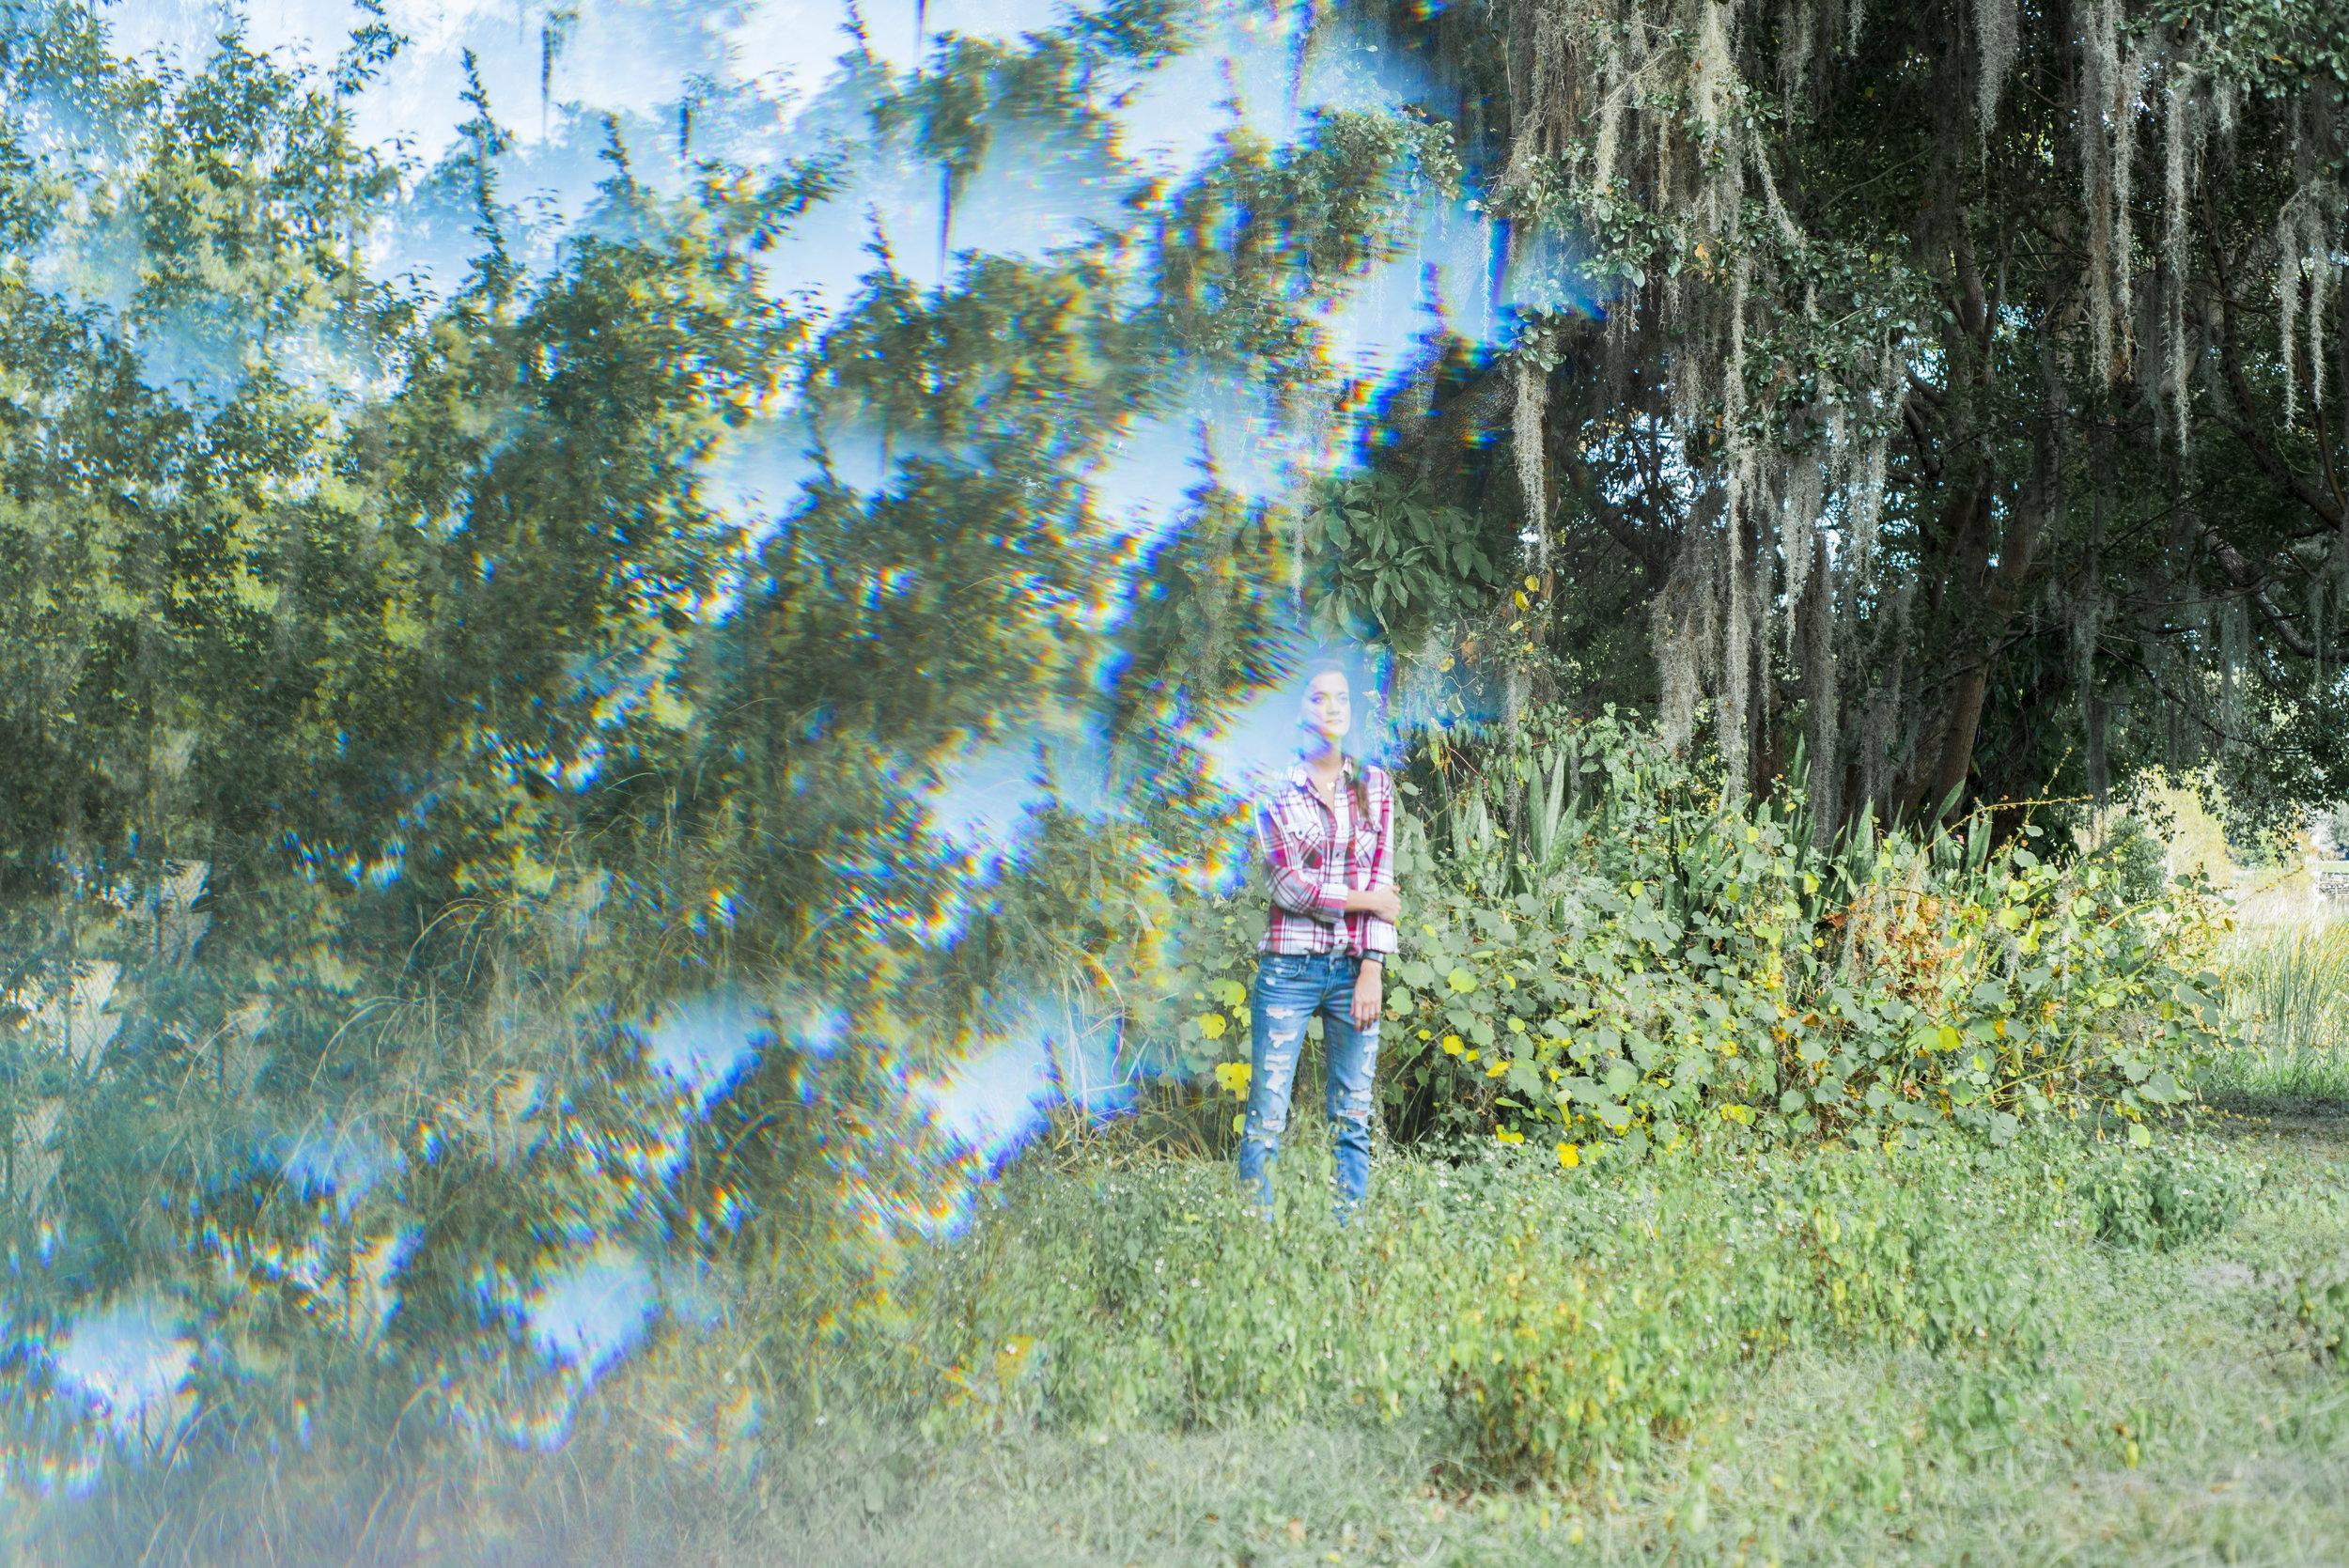 Unphotographable-2.jpg